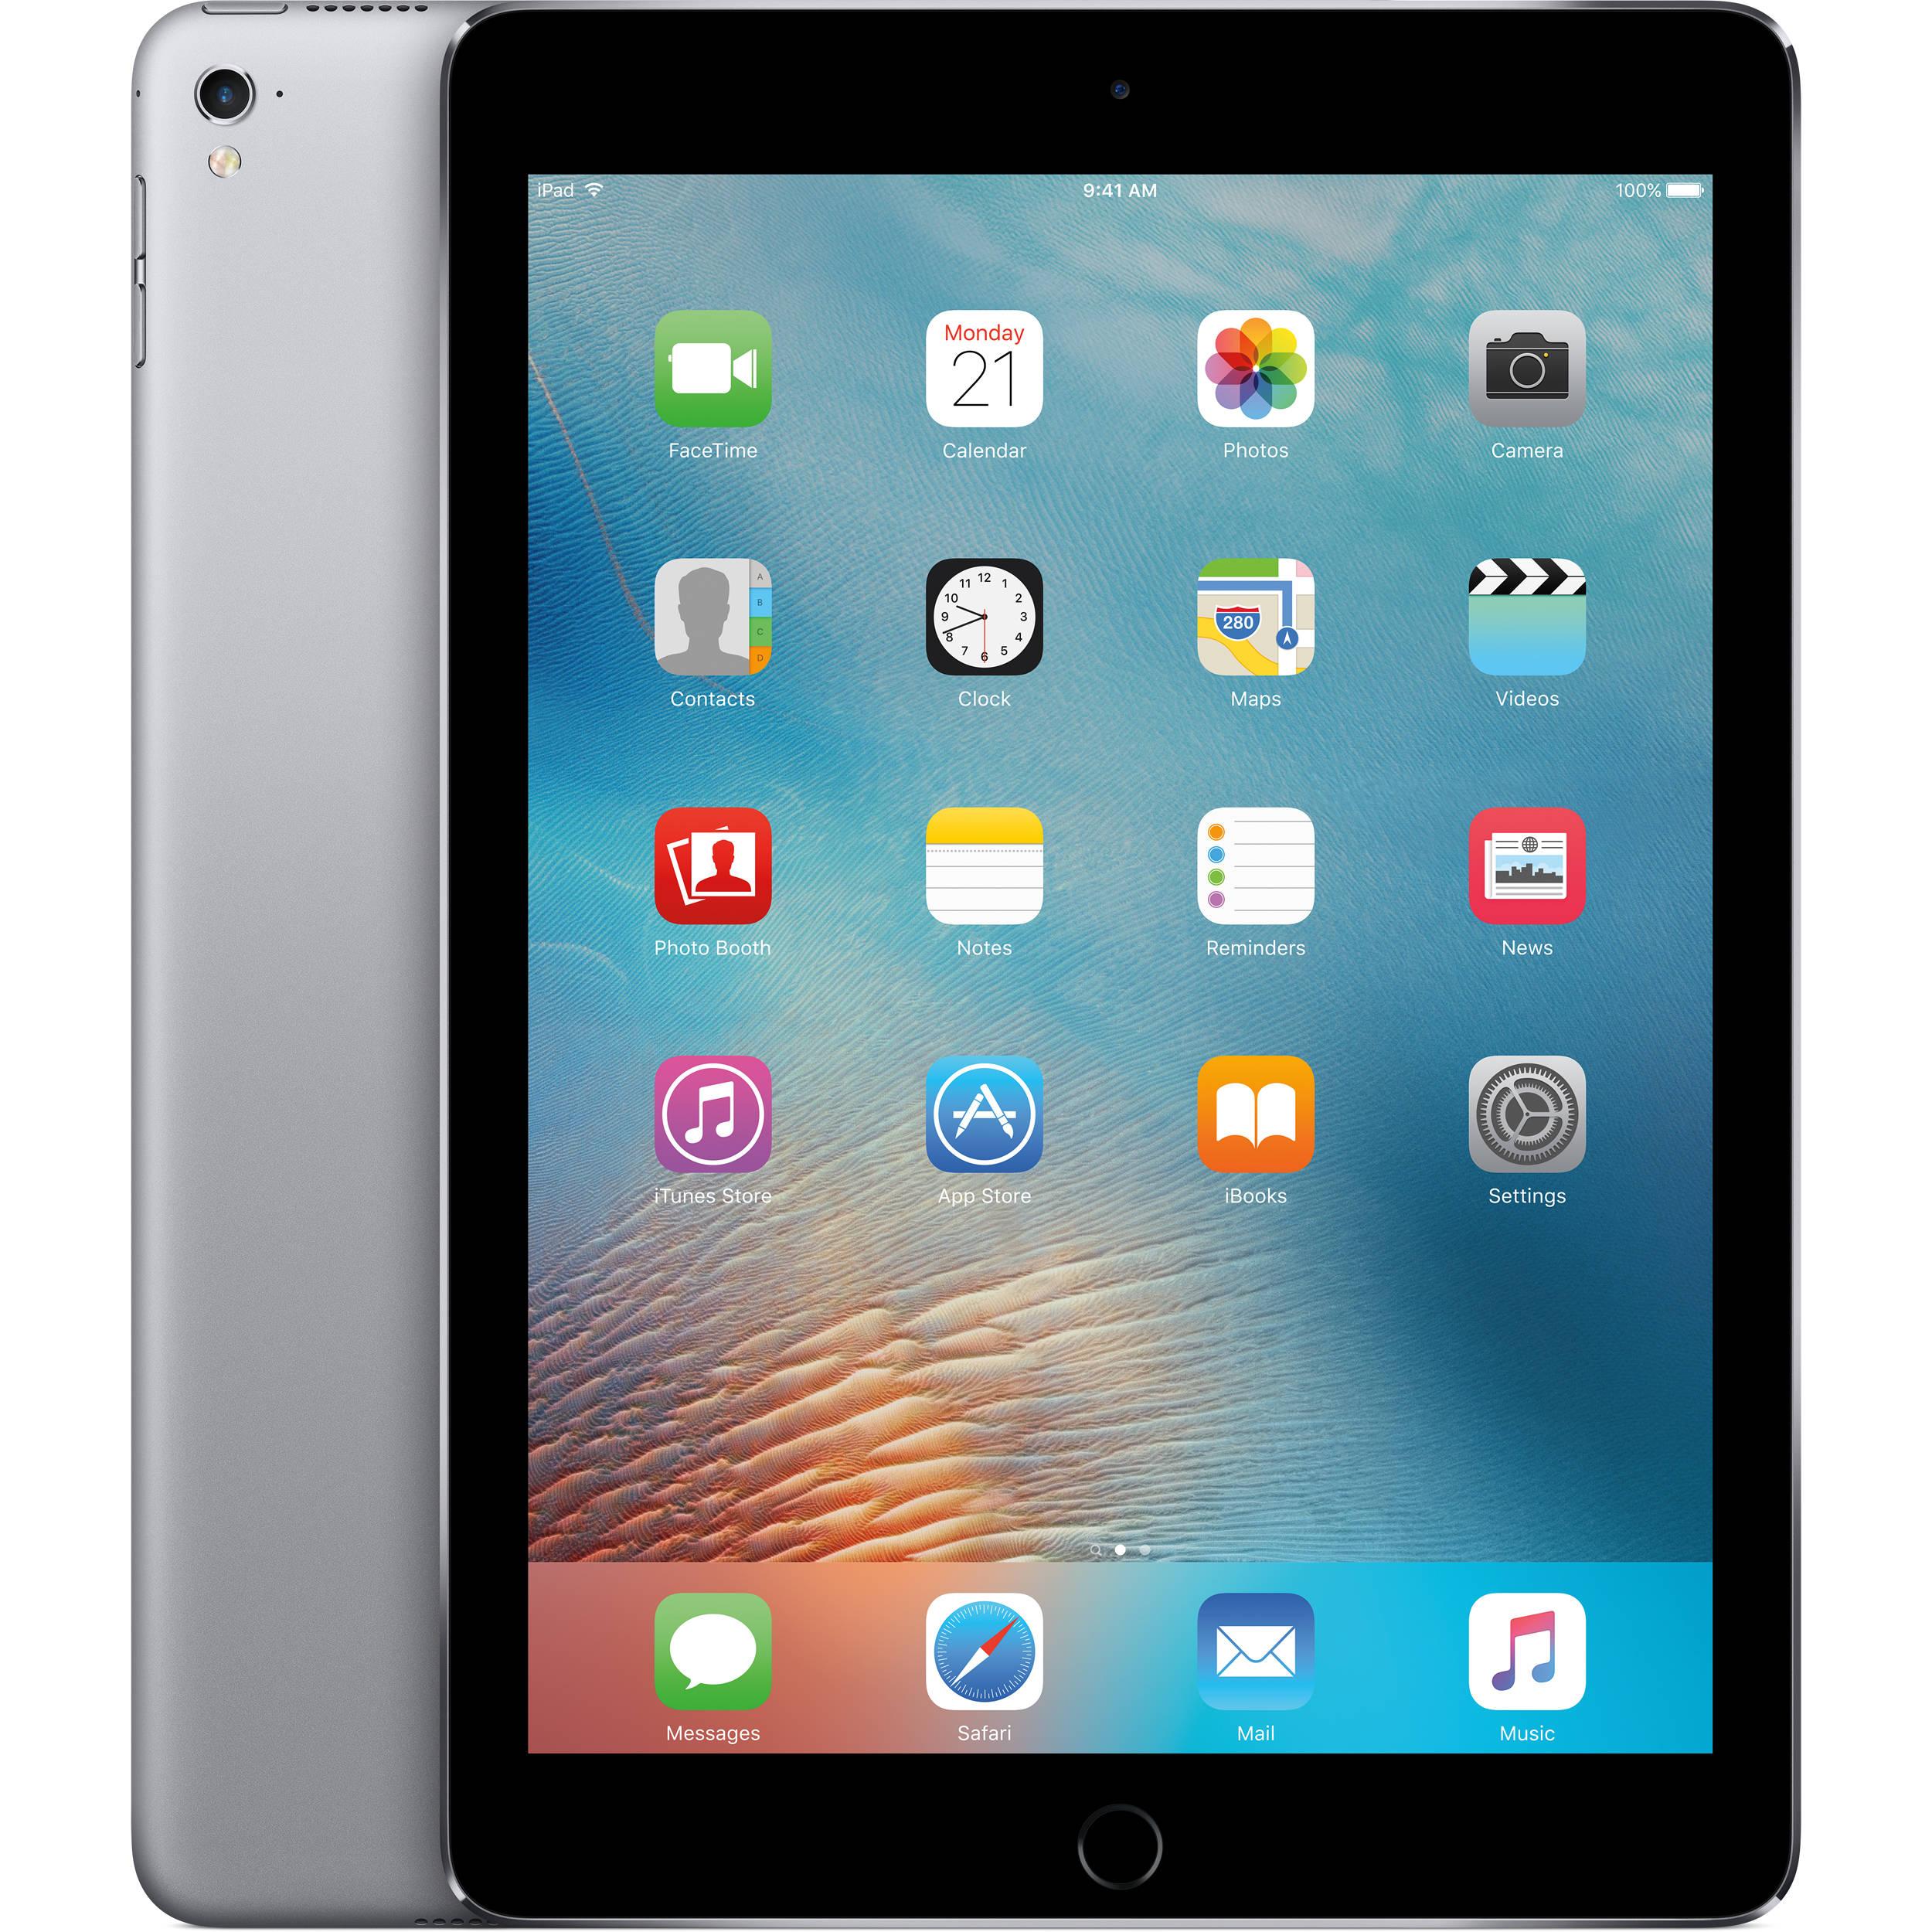 iPad Pro 9.7 inch 2015 reparaties schermkapot.nl